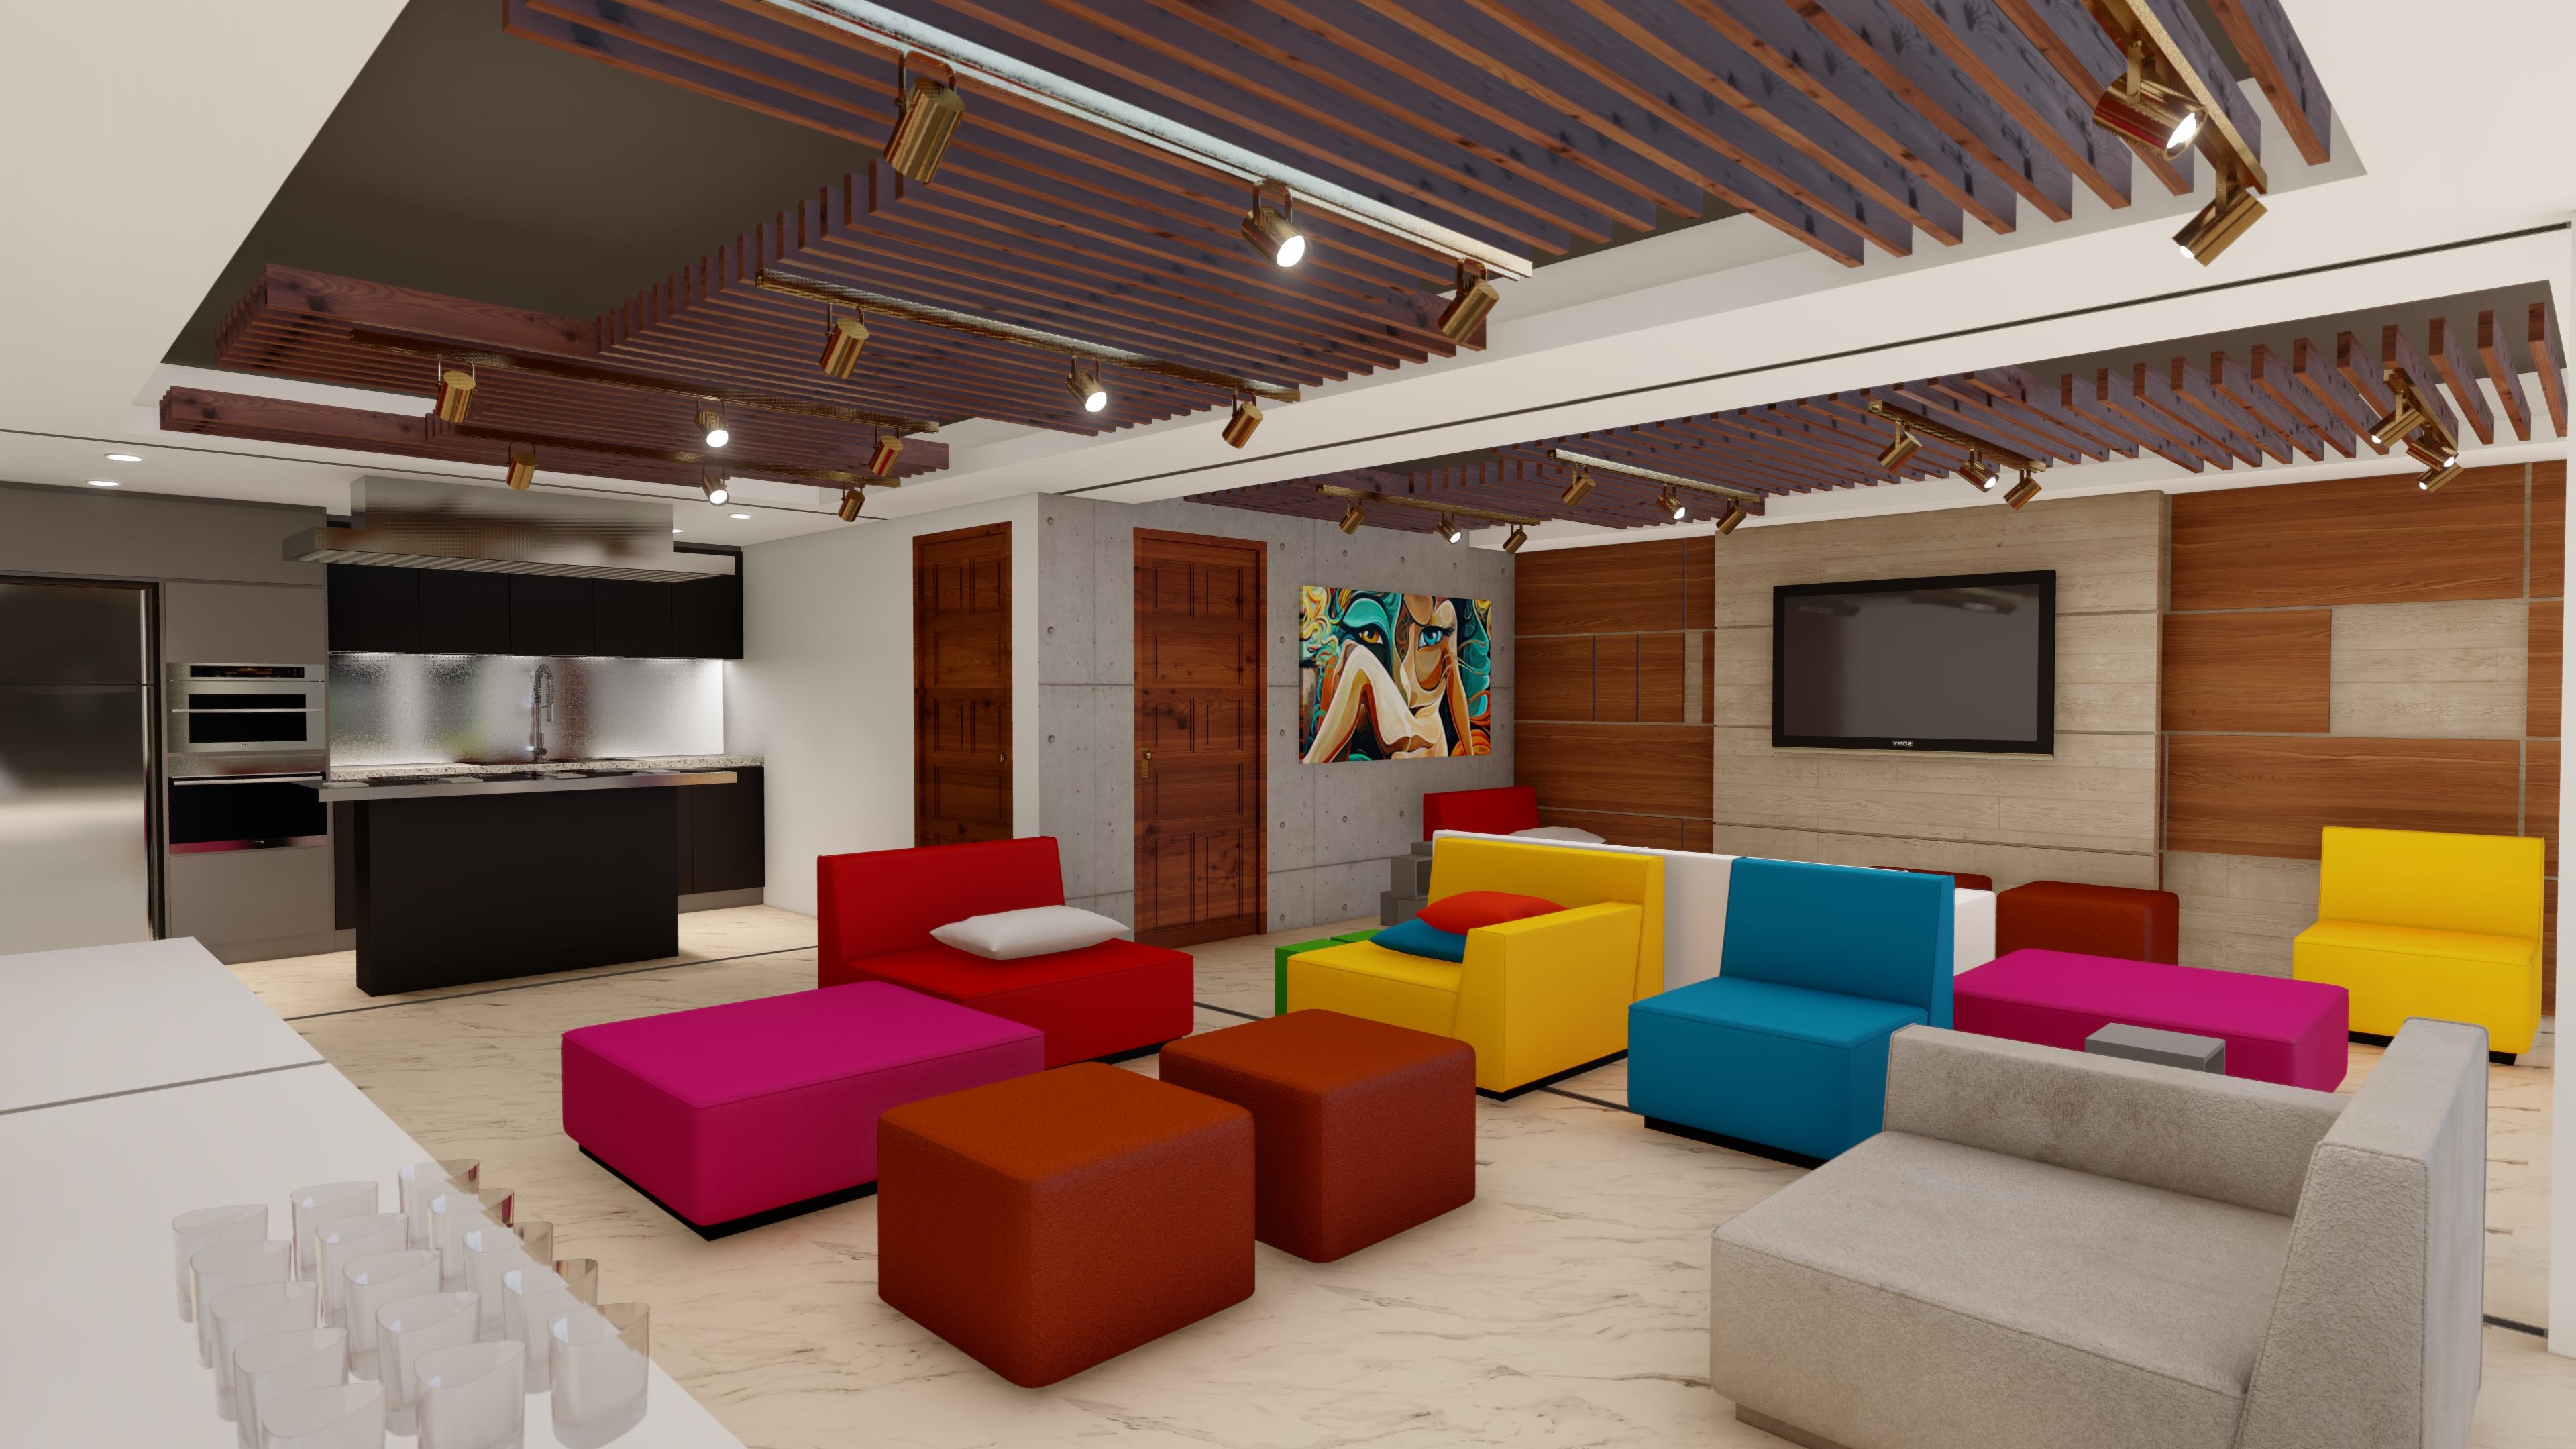 Edificio Empresarial Grupo Express. Caracas, Venezuela - PISO 2 IMAGEN 05